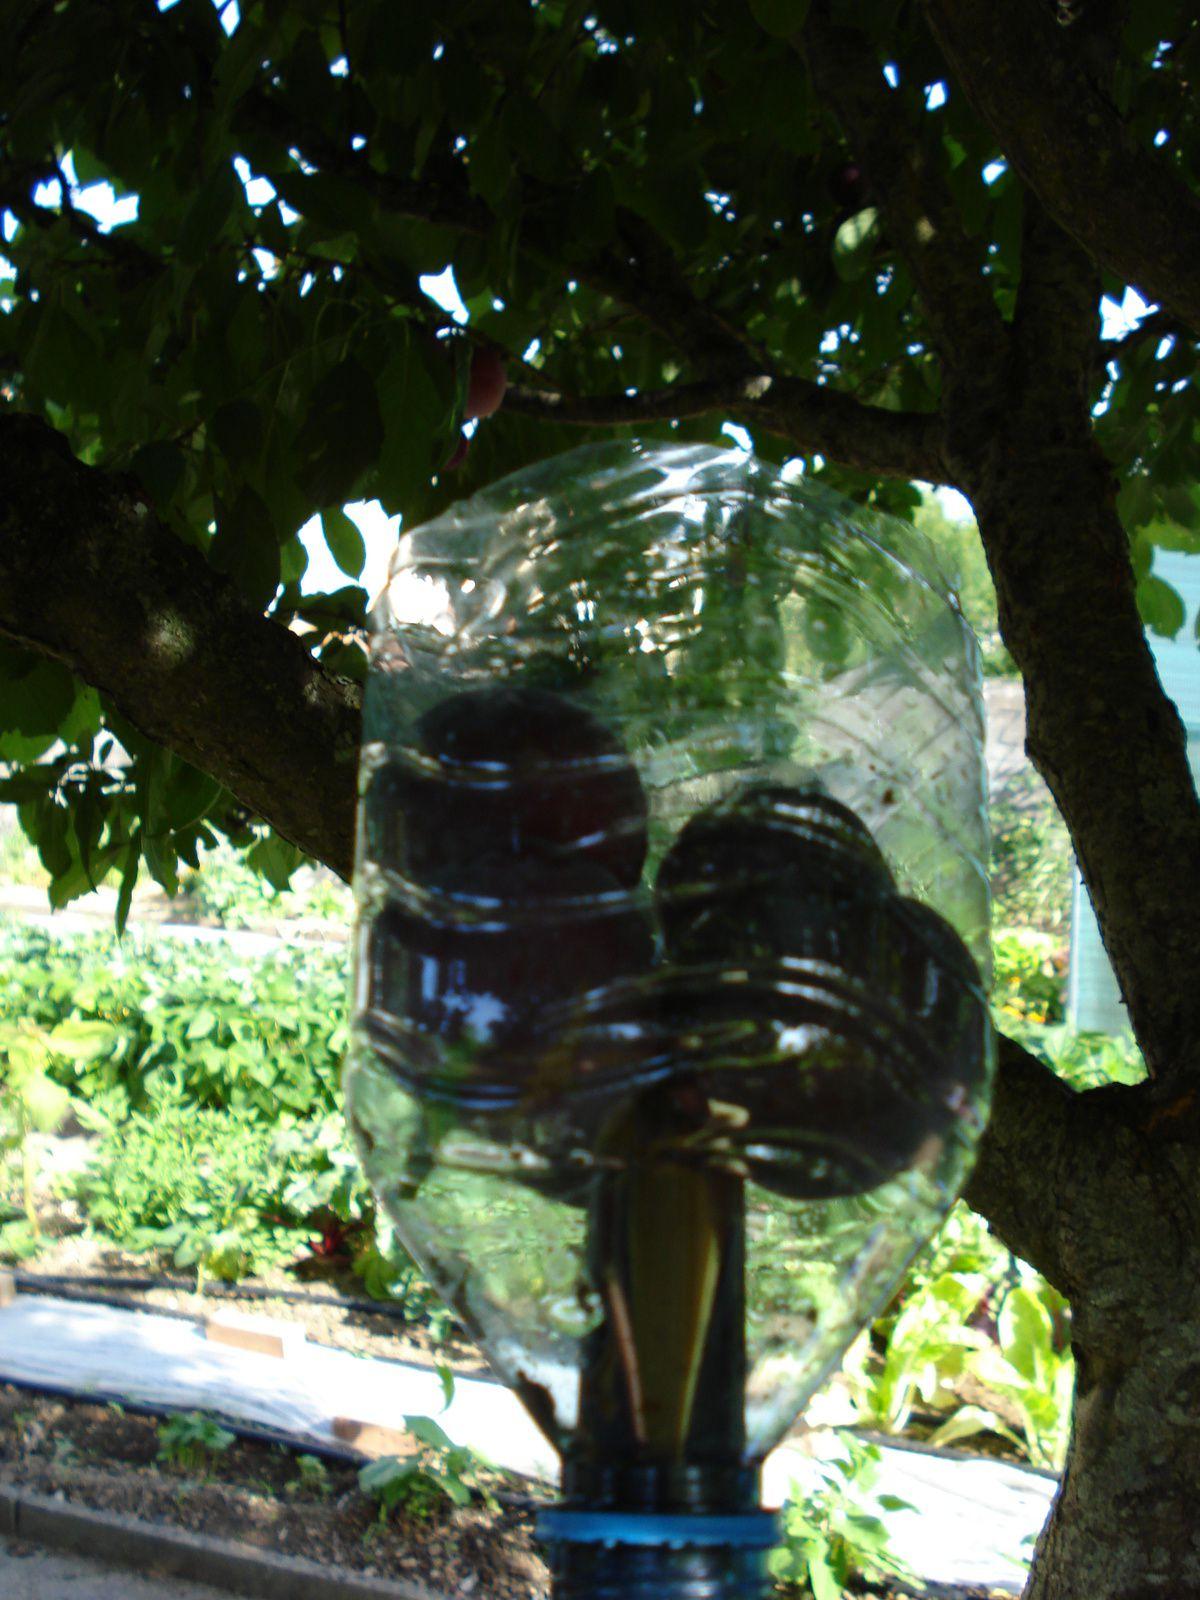 un cueille -fruit   économique  : le haut d'une bouteille d'eau et un manche à balai dans le goulot  et hop !